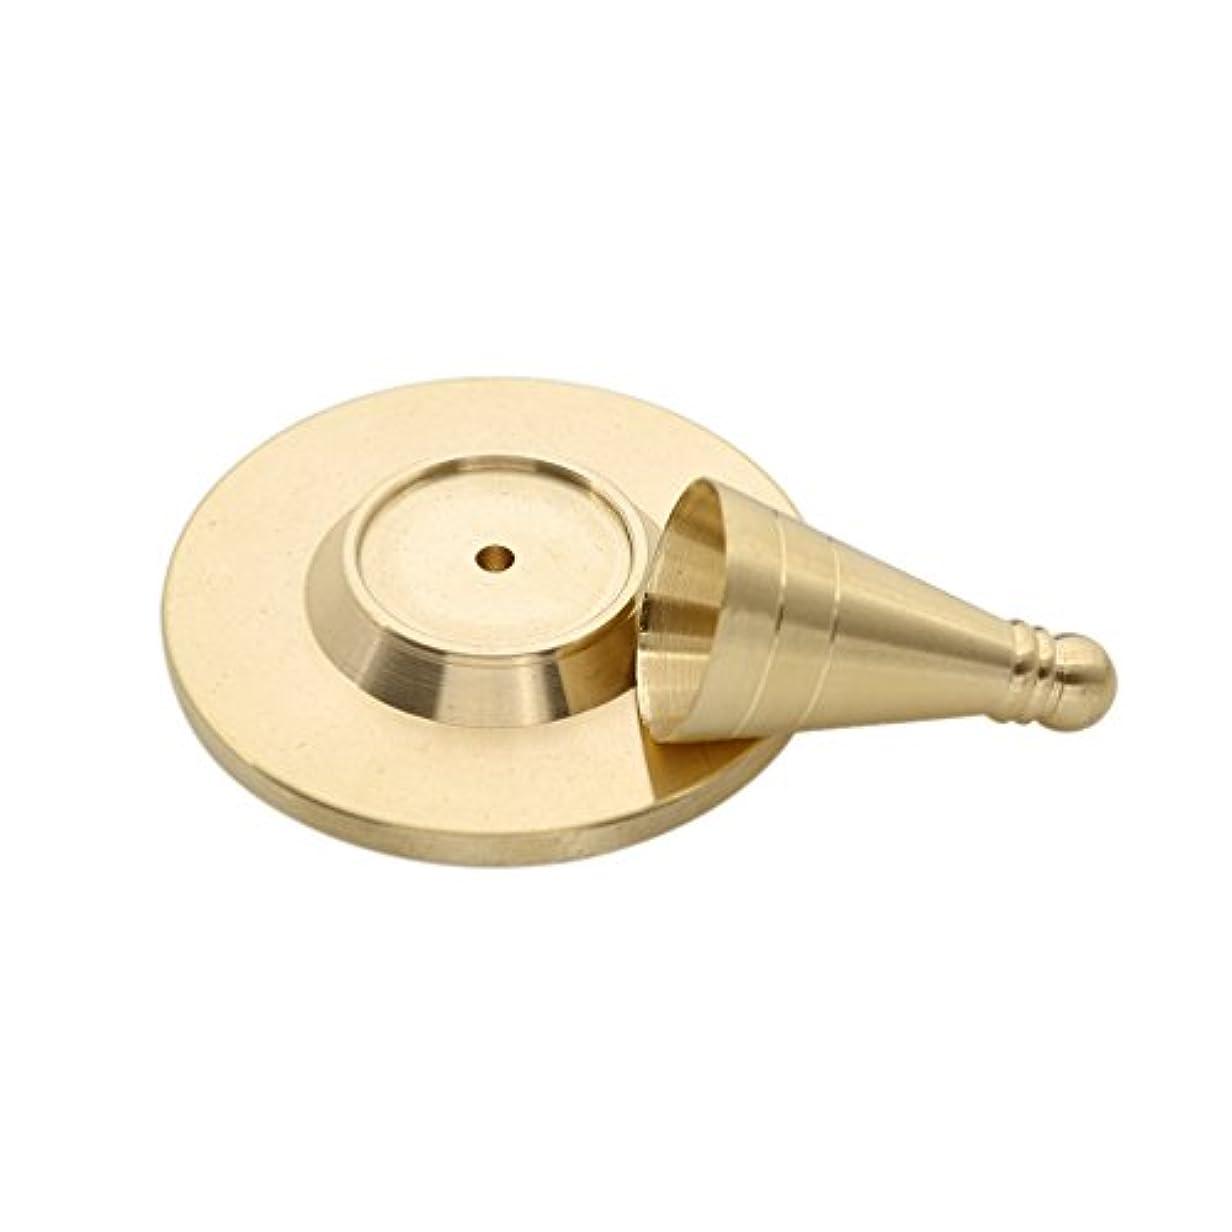 電化する生きている思慮のない(ライチ) Lychee 手作り お香 DIY用 ツール インセンス コーンタイプ 円錐 モールド 自家製 高さ3.5cm